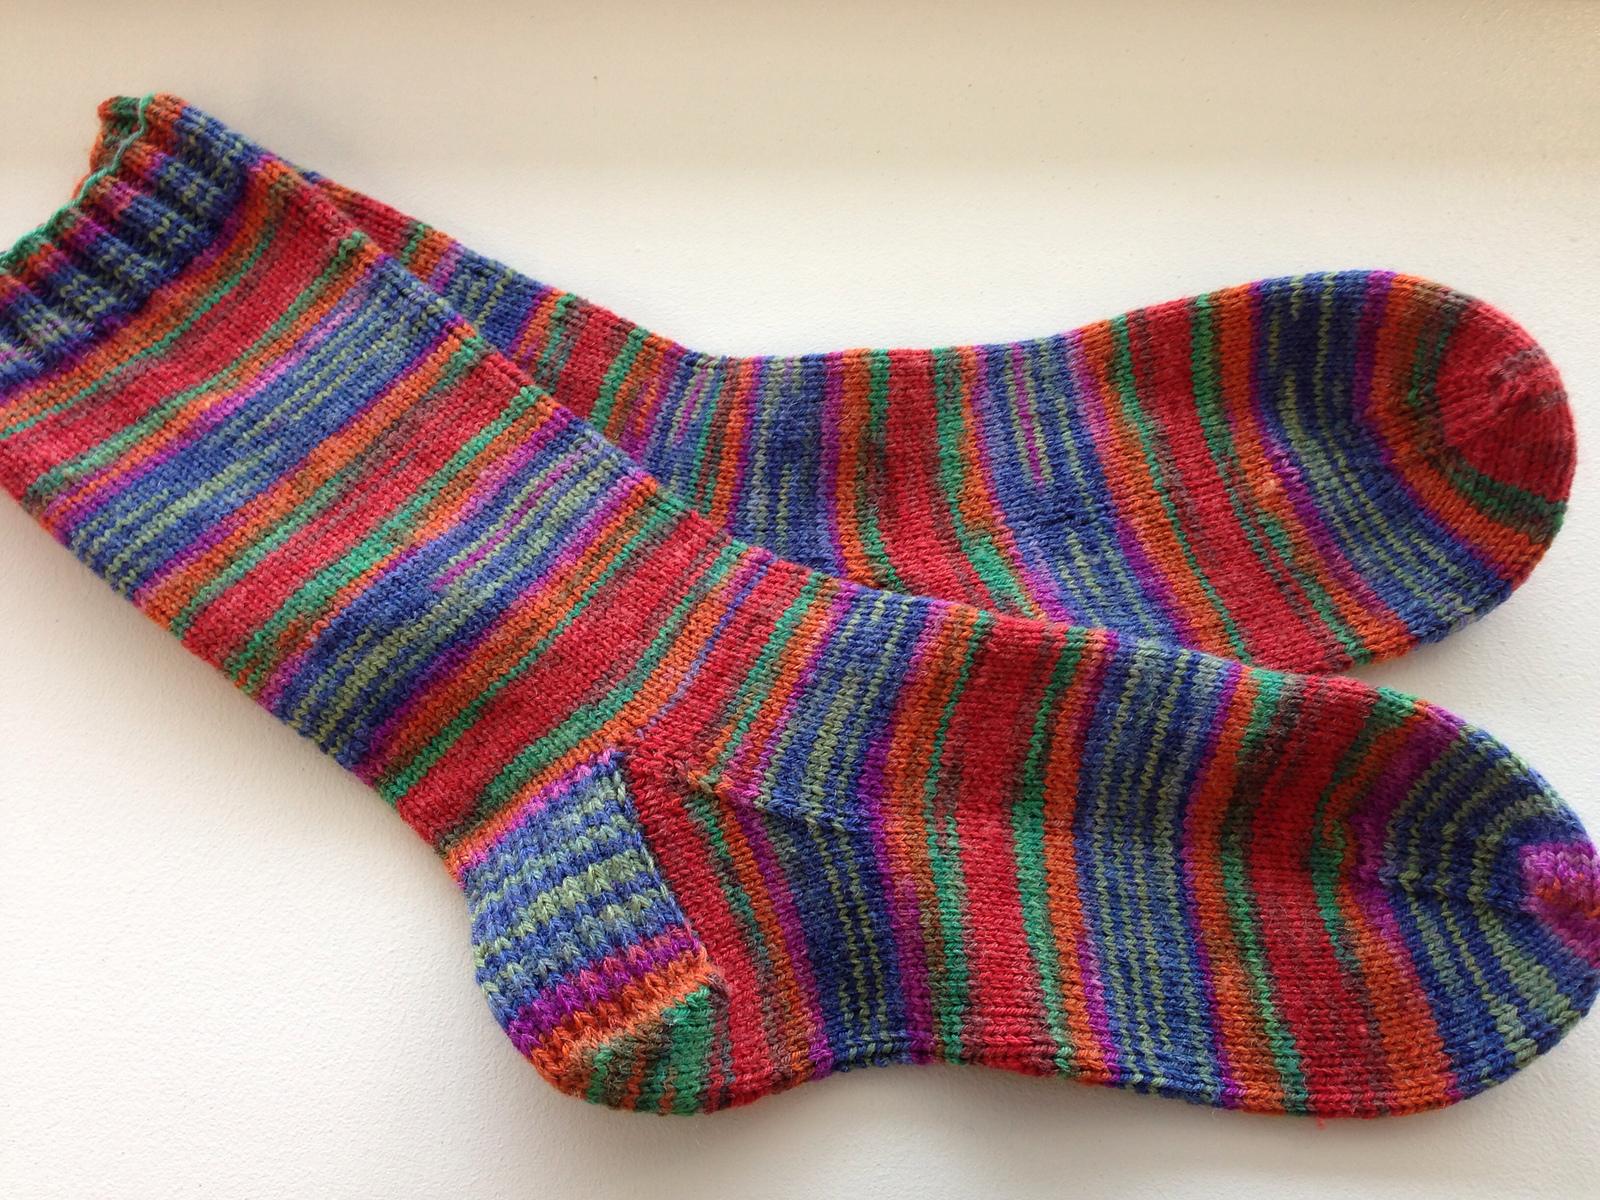 SuzyZim's Mars Attacks! socks